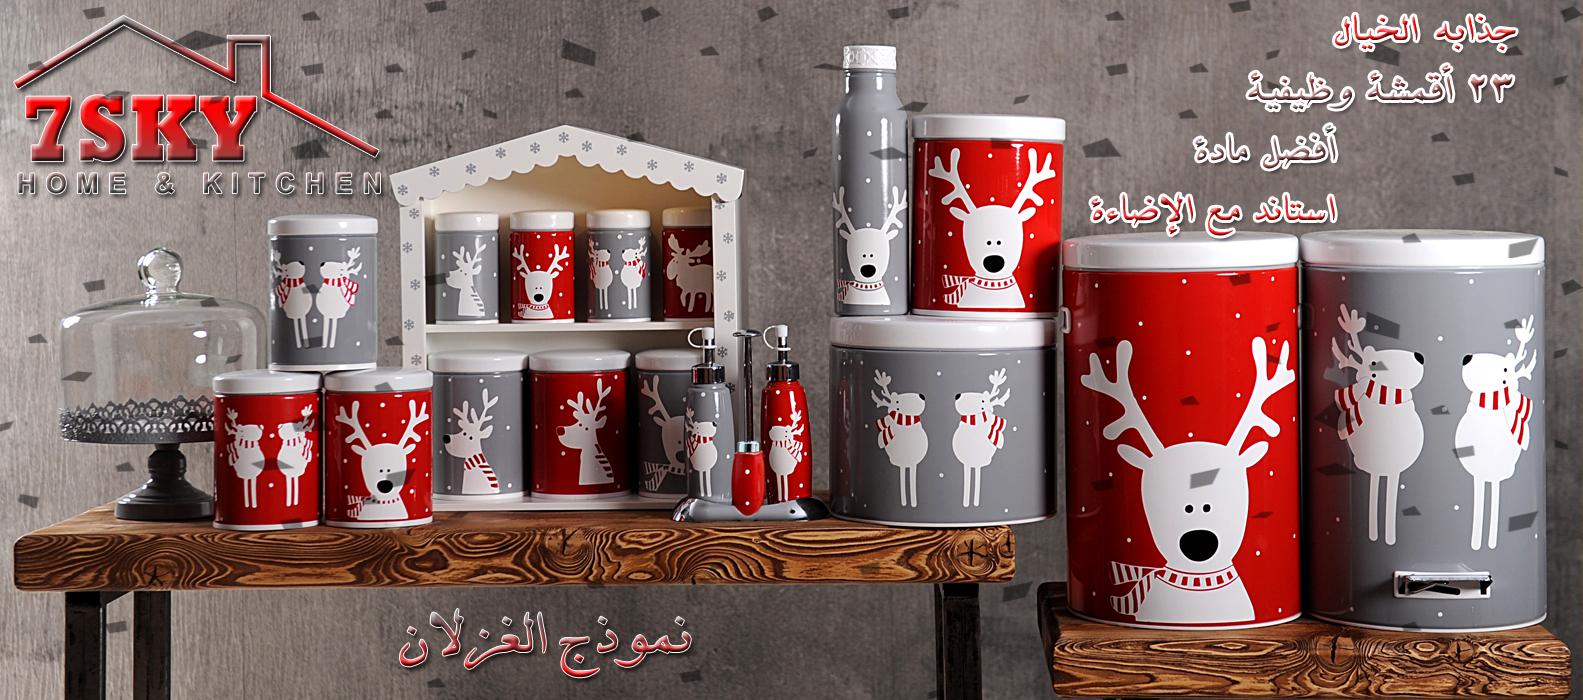 سرویس گوزن عربی